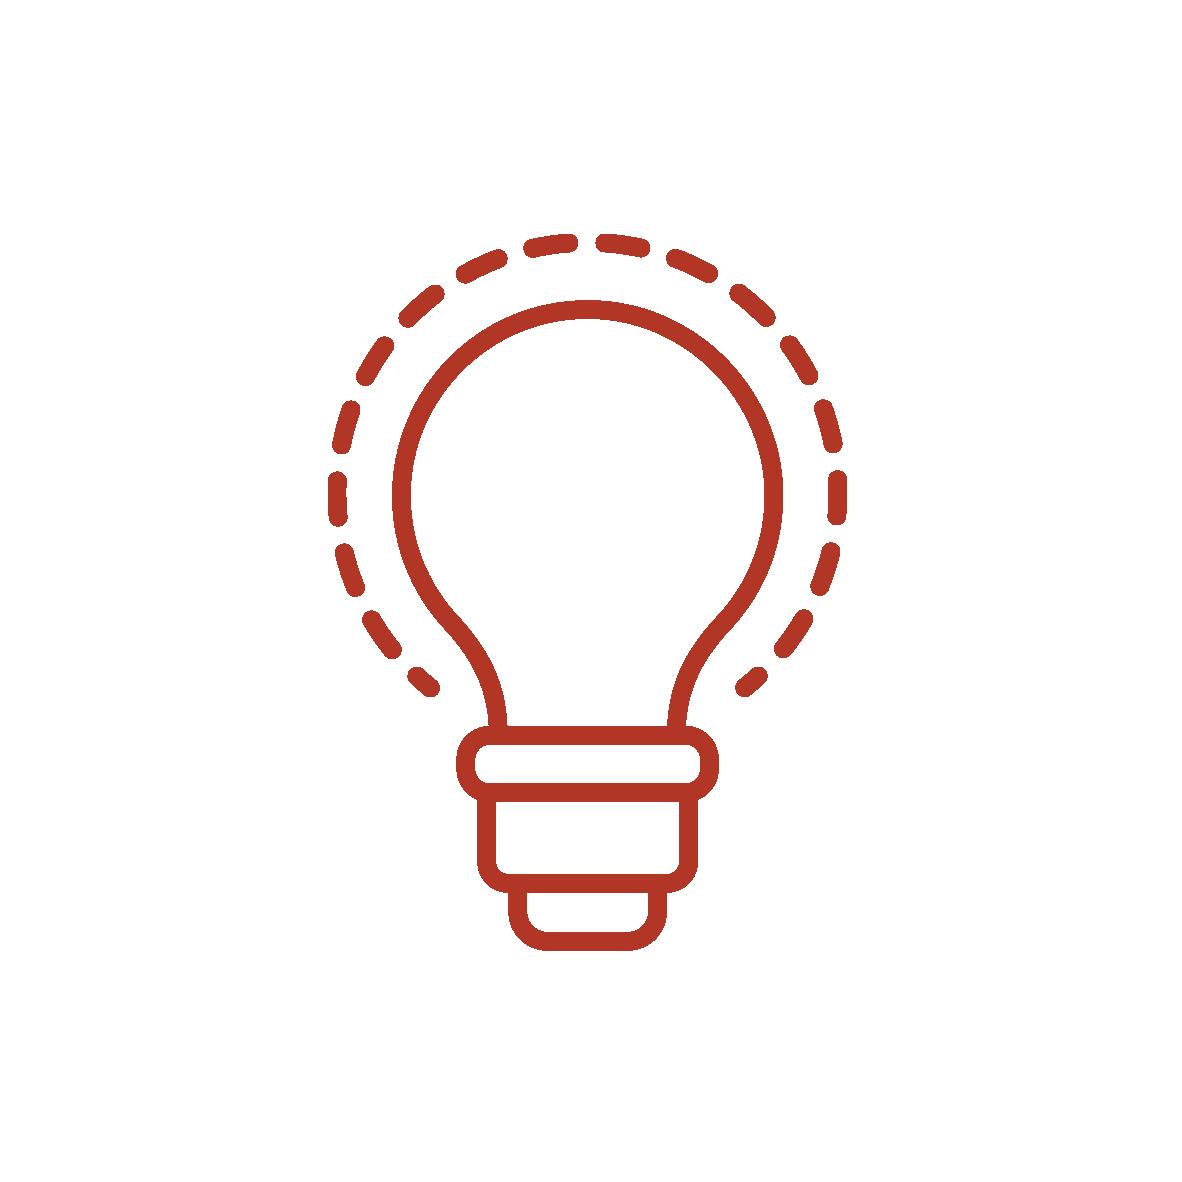 icona servizio impianti elettrici